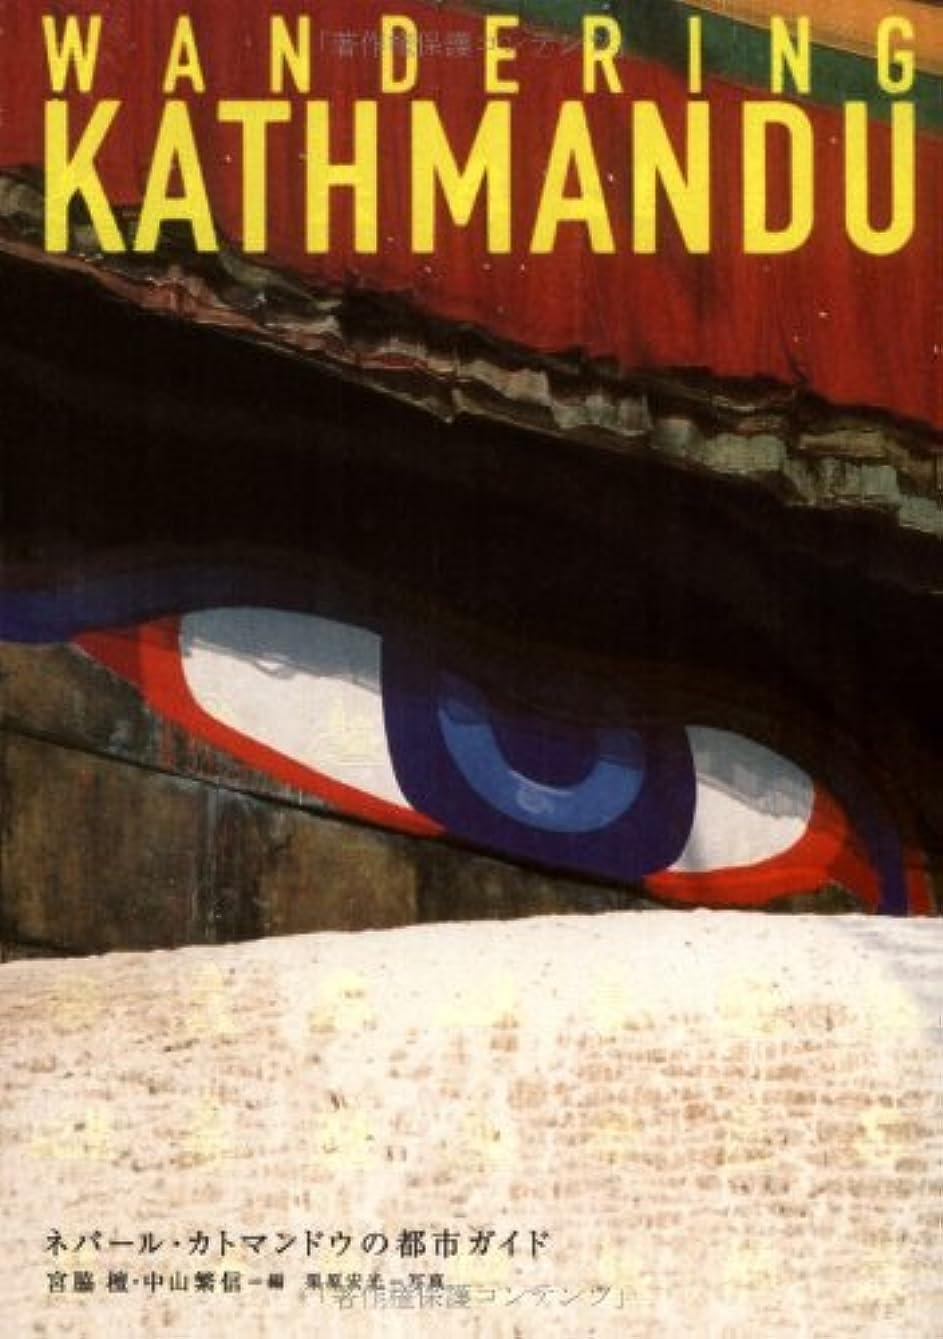 シェルボリュームピカリングネパール?カトマンドゥの都市ガイド